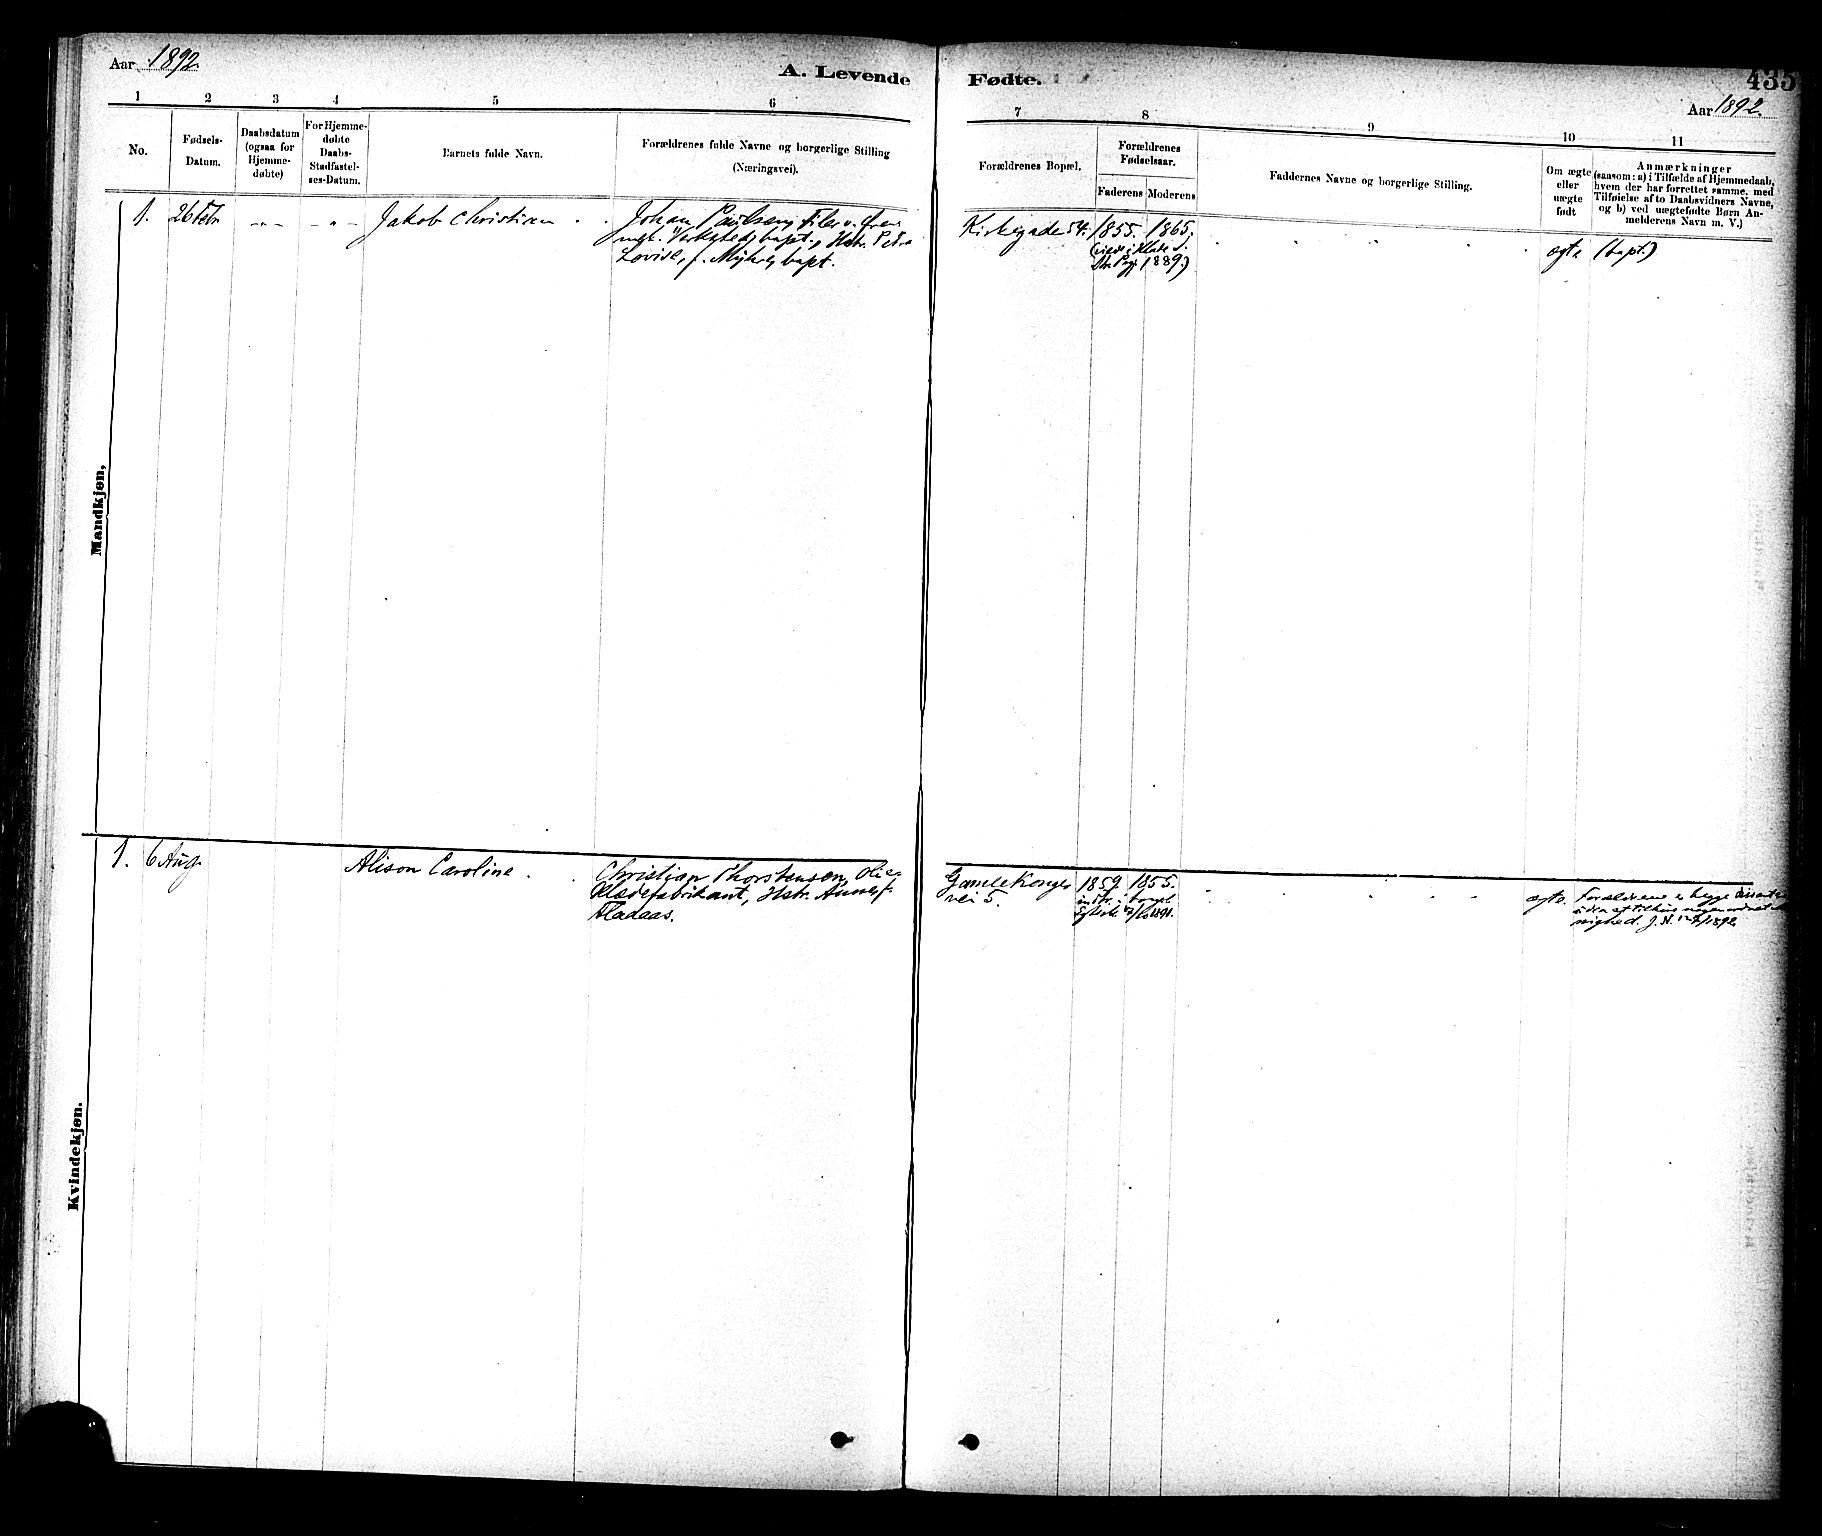 SAT, Ministerialprotokoller, klokkerbøker og fødselsregistre - Sør-Trøndelag, 604/L0188: Ministerialbok nr. 604A09, 1878-1892, s. 435